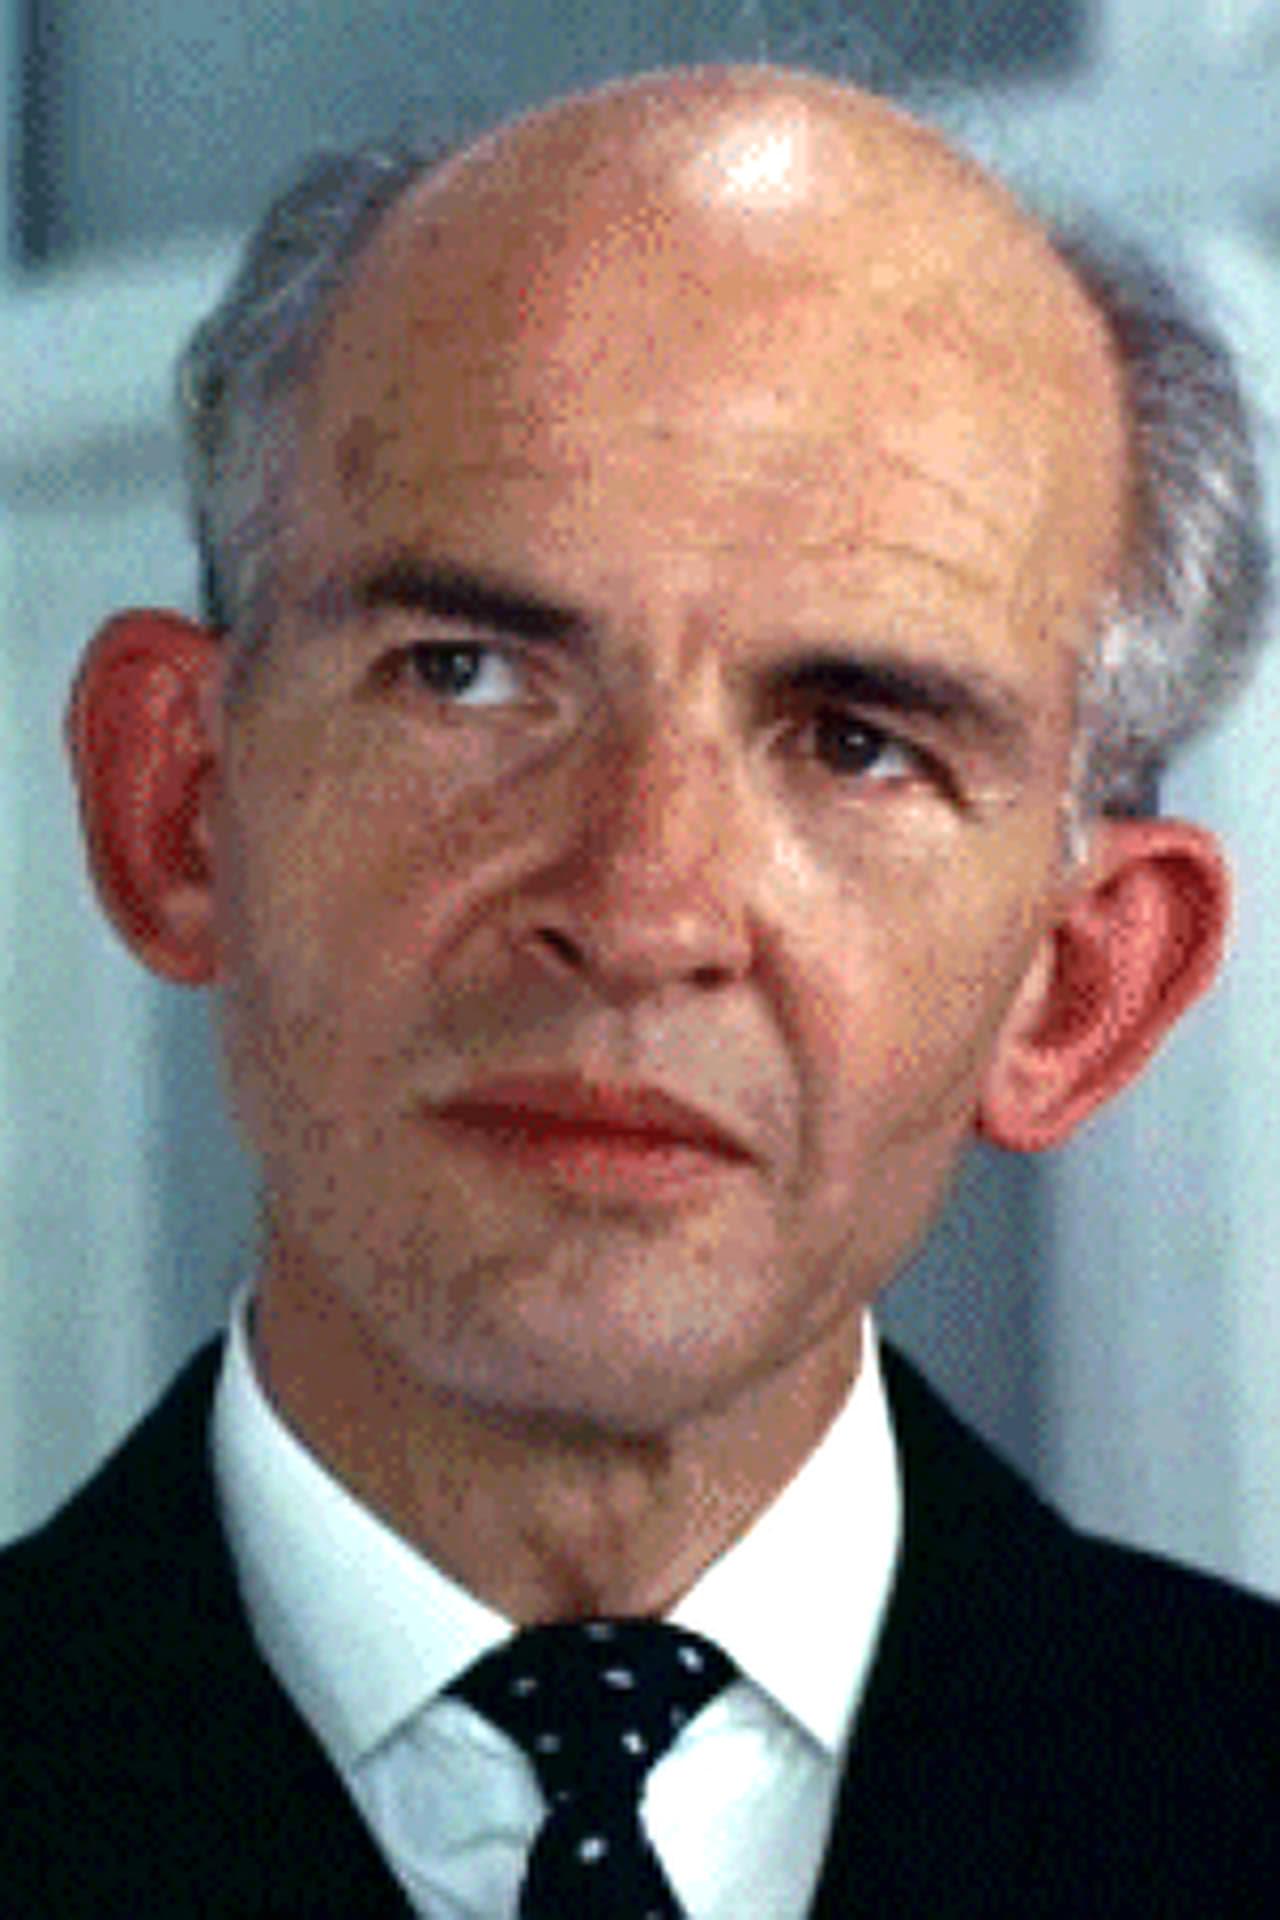 Peter Copley